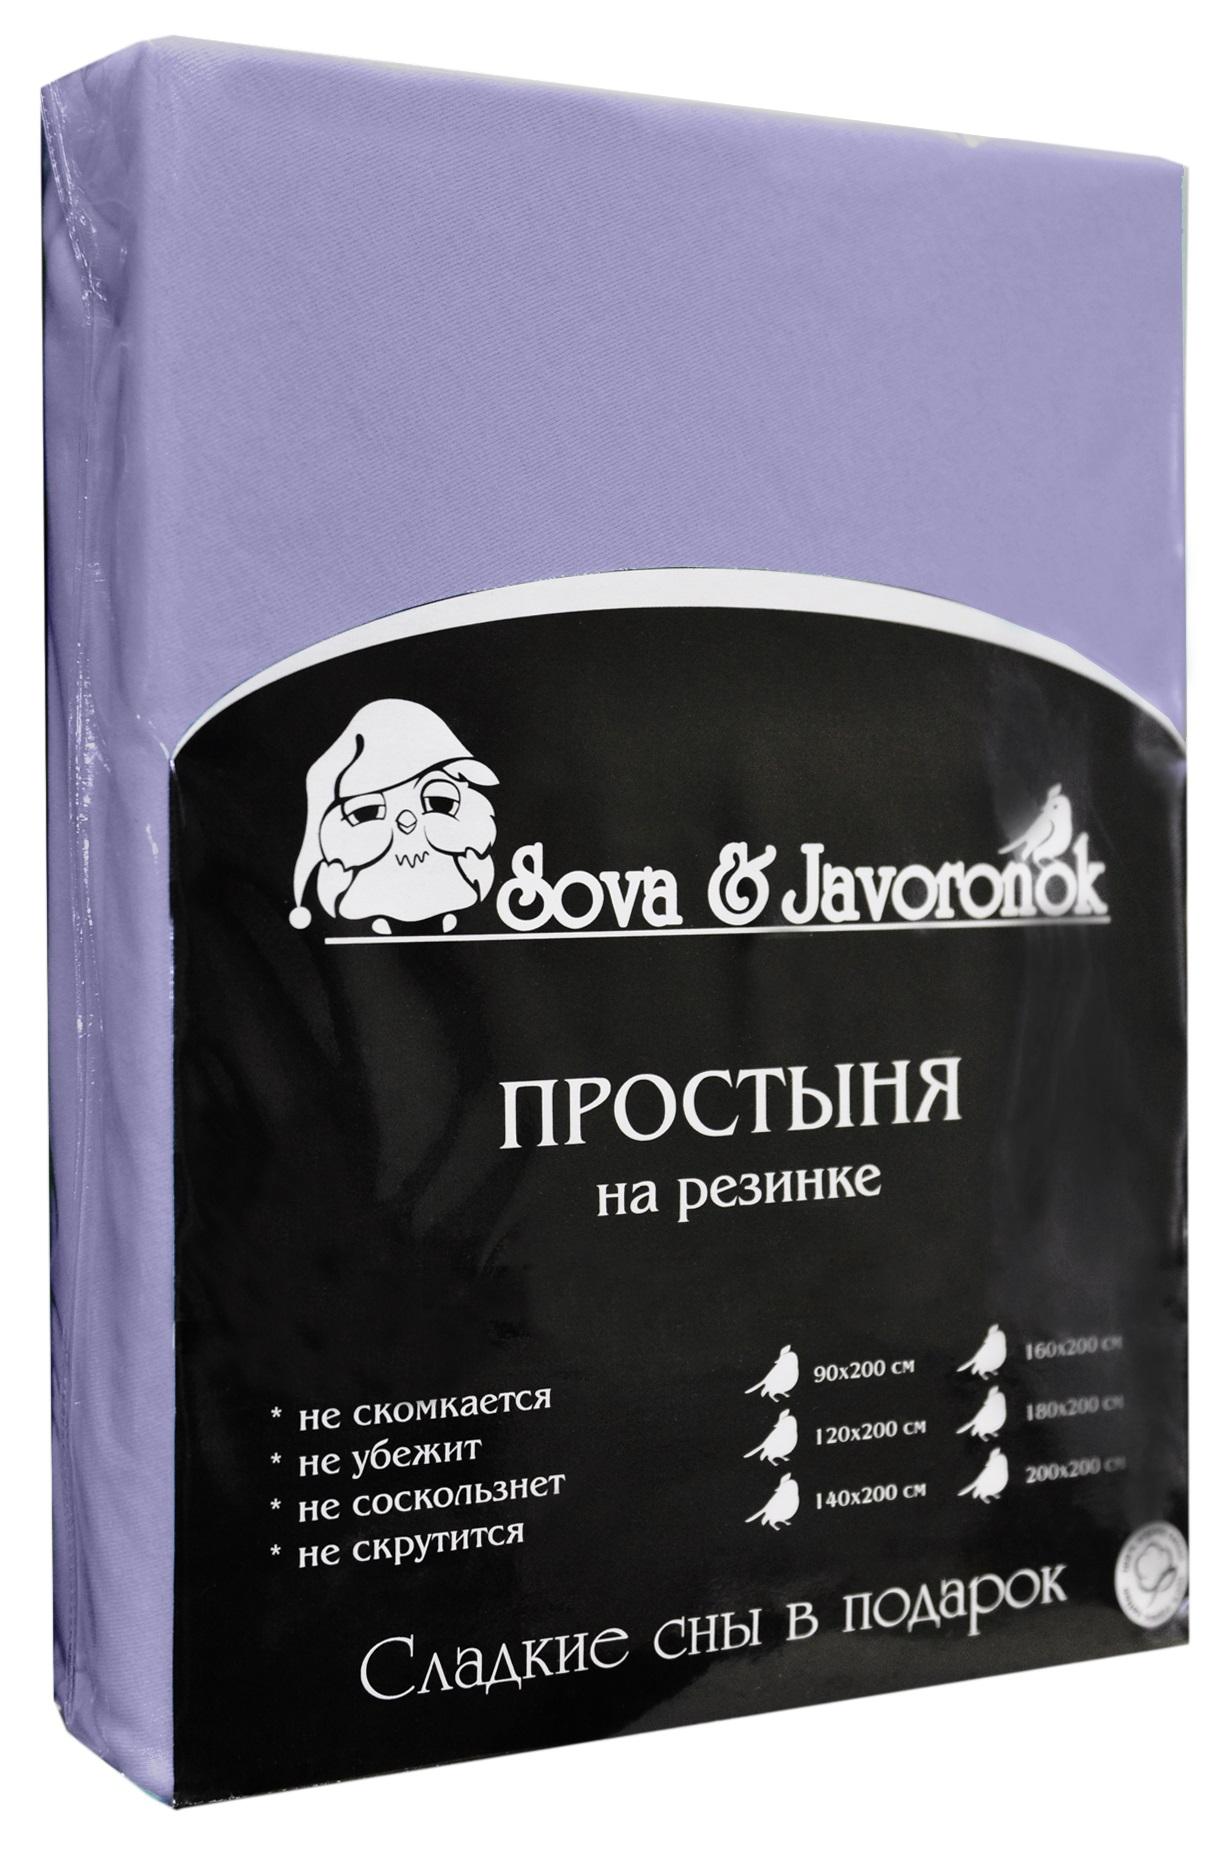 Простыня на резинке Sova & Javoronok, цвет: фиолетовый, 180 см х 200 см0803113700Простыня на резинке Sova & Javoronok, изготовленная из трикотажной ткани (100% хлопок), будет превосходно смотреться с любыми комплектами белья. Хлопчатобумажный трикотаж по праву считается одним из самых качественных, прочных и при этом приятных на ощупь. Его гигиеничность позволяет использовать простыню и в детских комнатах, к тому же 100%-ый хлопок в составе ткани не вызовет аллергии. У трикотажного полотна очень интересная структура, немного рыхлая за счет отсутствия плотного переплетения нитей и наличия особых петель, благодаря этому простыня Сова и Жаворонок отлично пропускает воздух и способствует его постоянной циркуляции. Поэтому ваша постель будет всегда оставаться свежей. Но главное и, пожалуй, самое известное свойство трикотажа - это его великолепная растяжимость, поэтому эта ткань и была выбрана для натяжной простыни на резинке. Простыня прошита резинкой по всему периметру, что обеспечивает более комфортный отдых, так как она прочно удерживается на матрасе и...